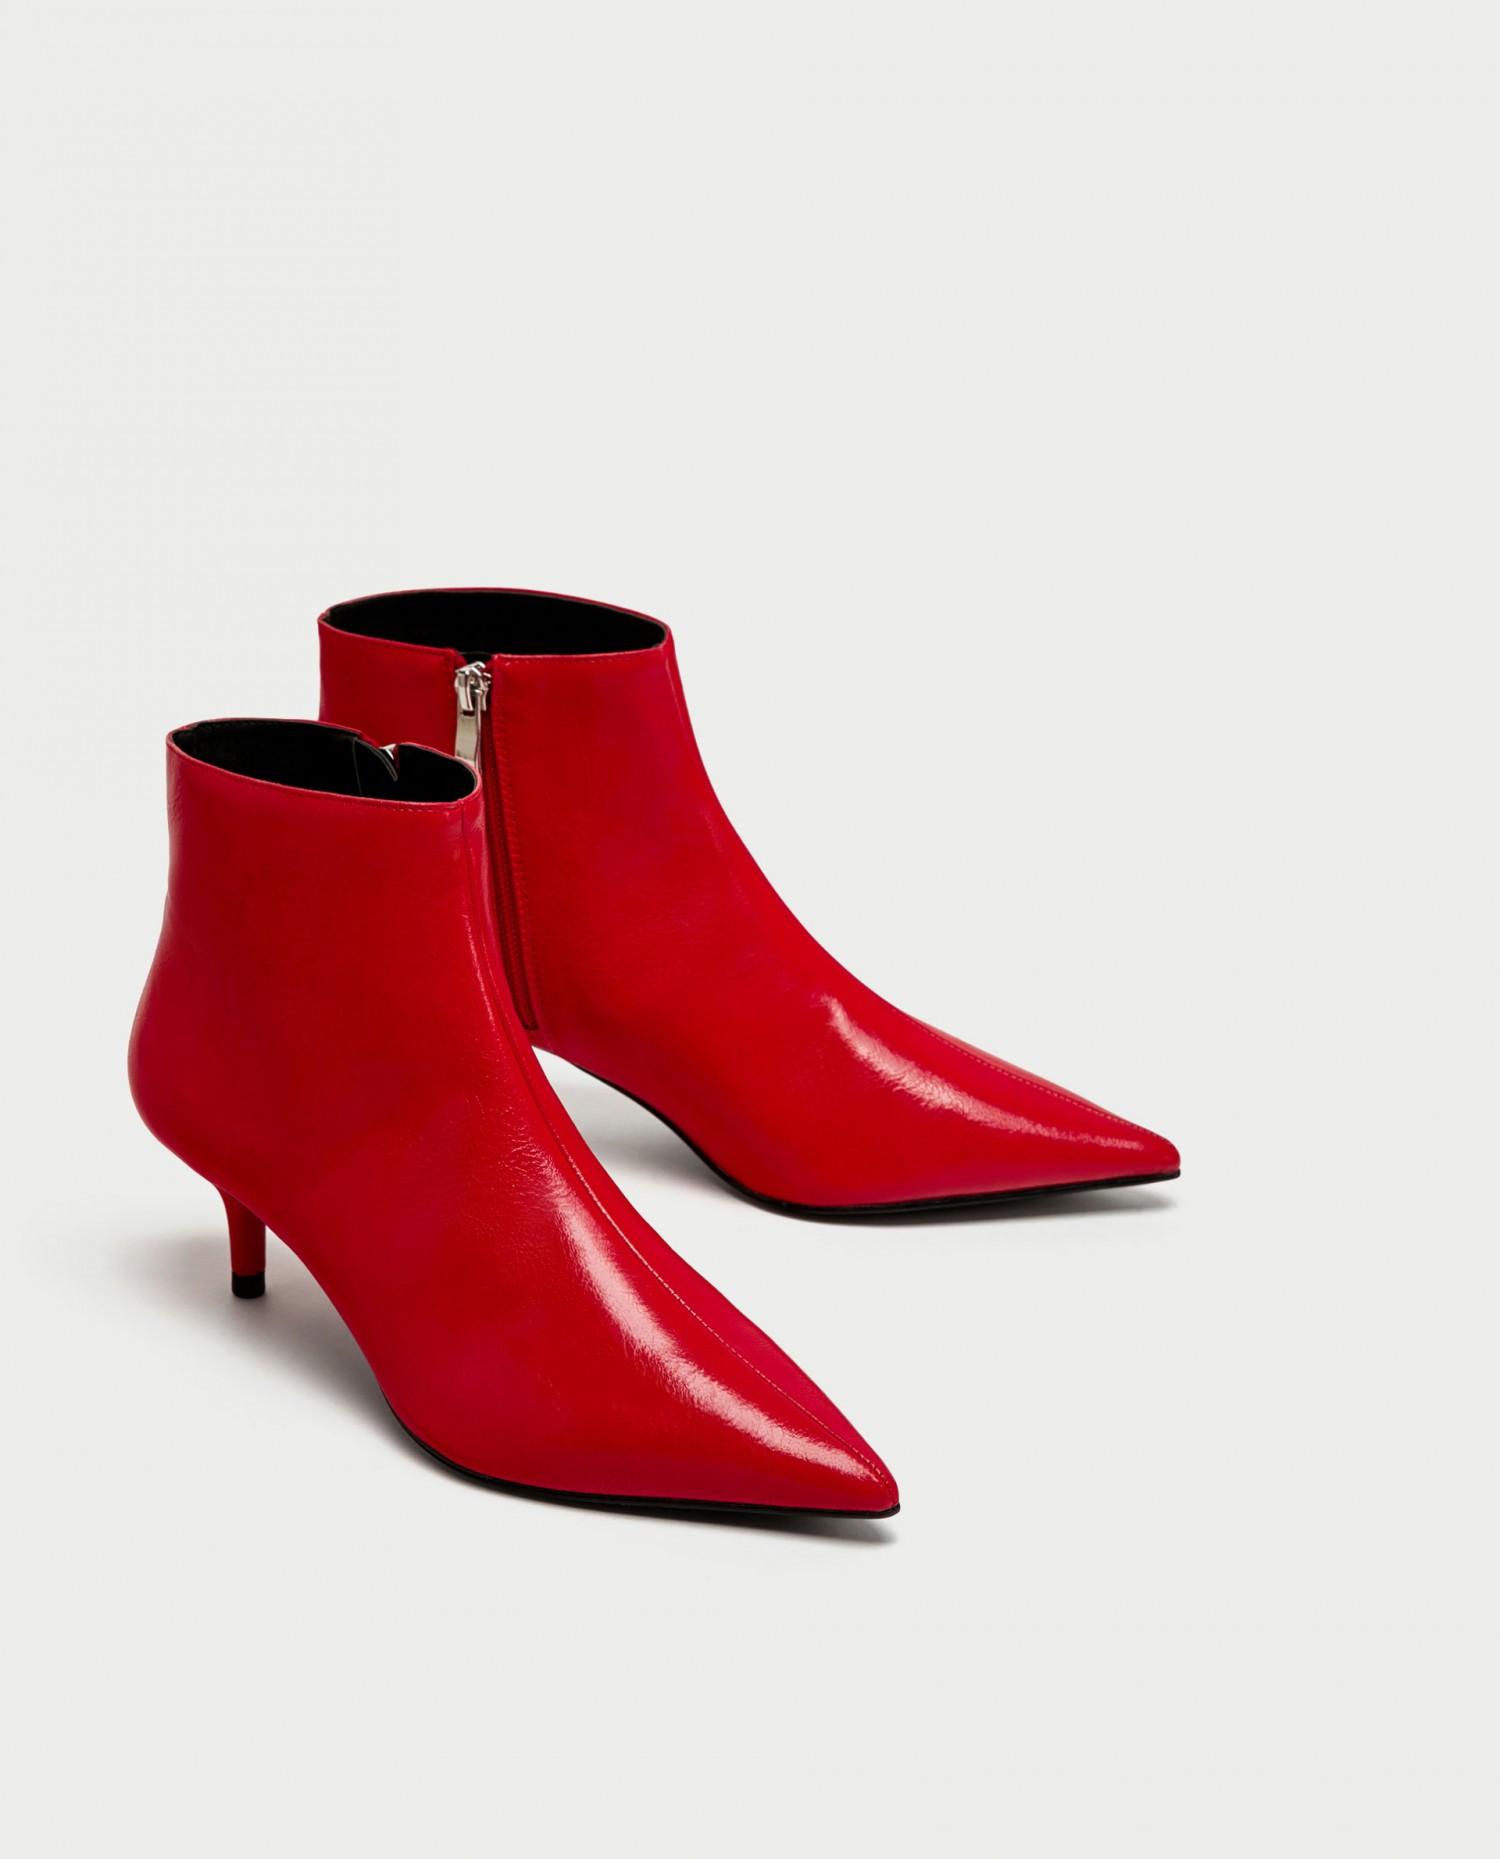 zara røde støvletter 2